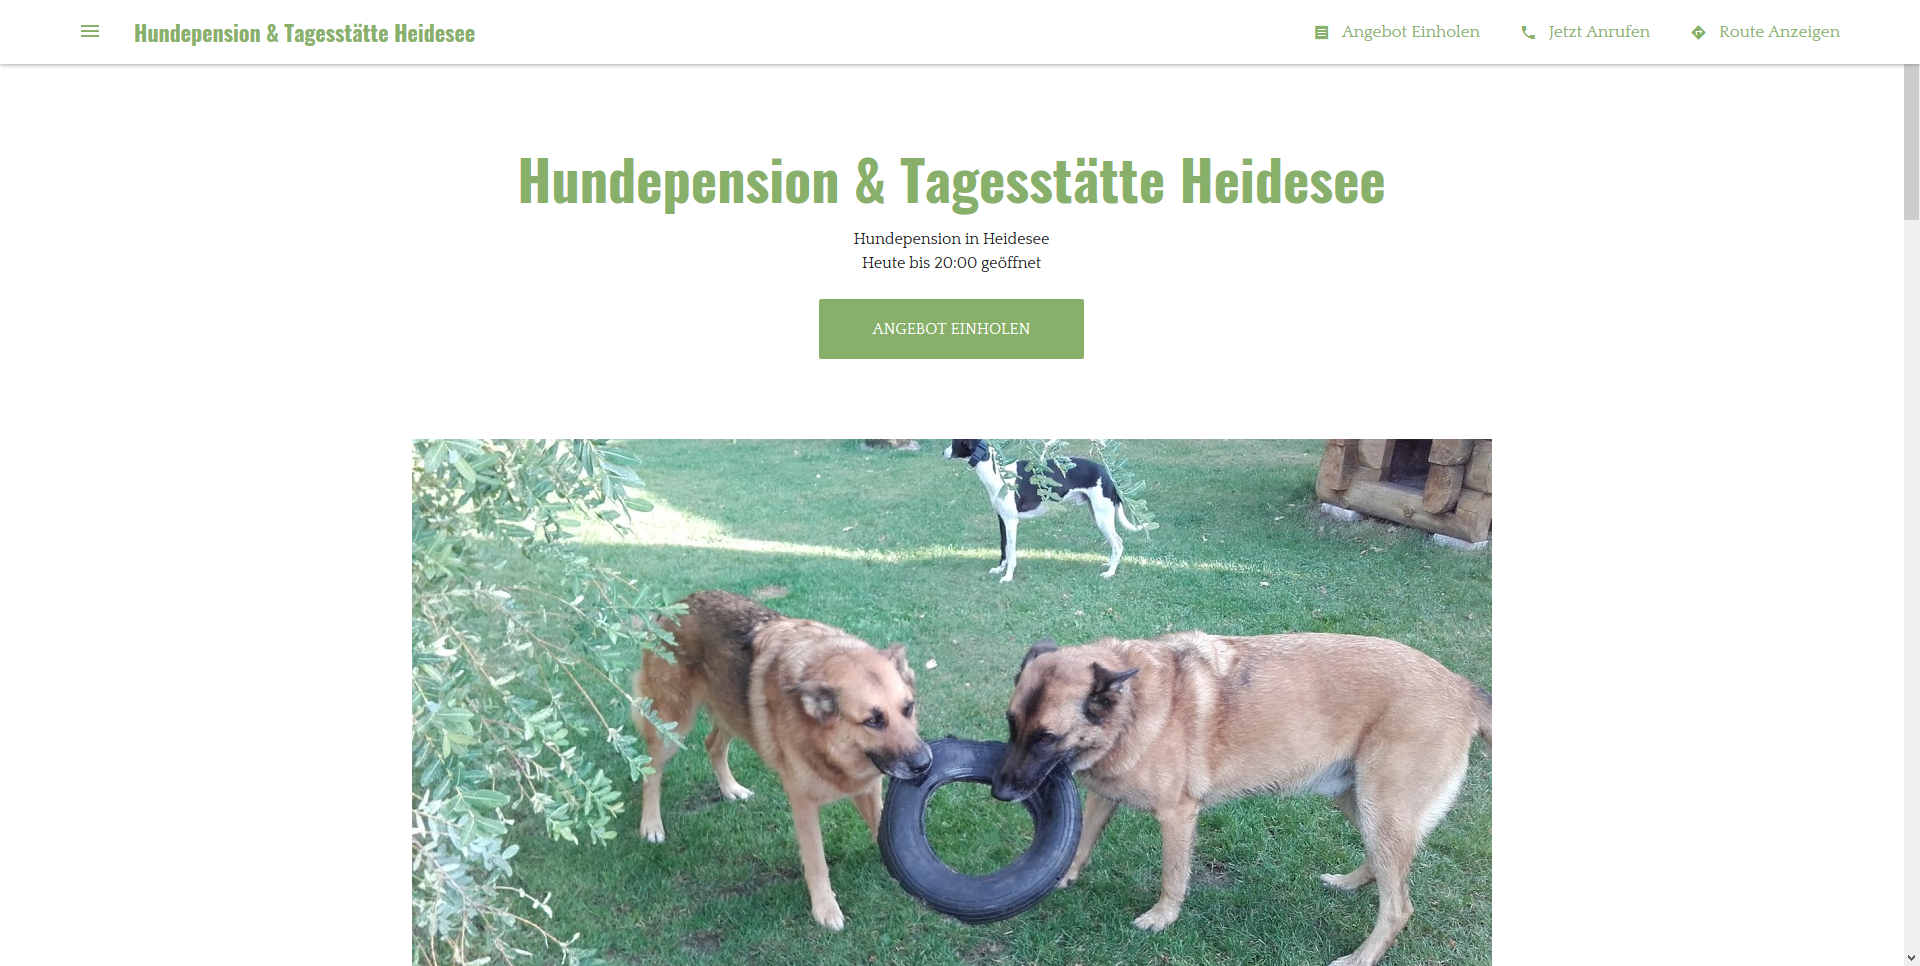 Hundepension & Tagesstätte Heidesee